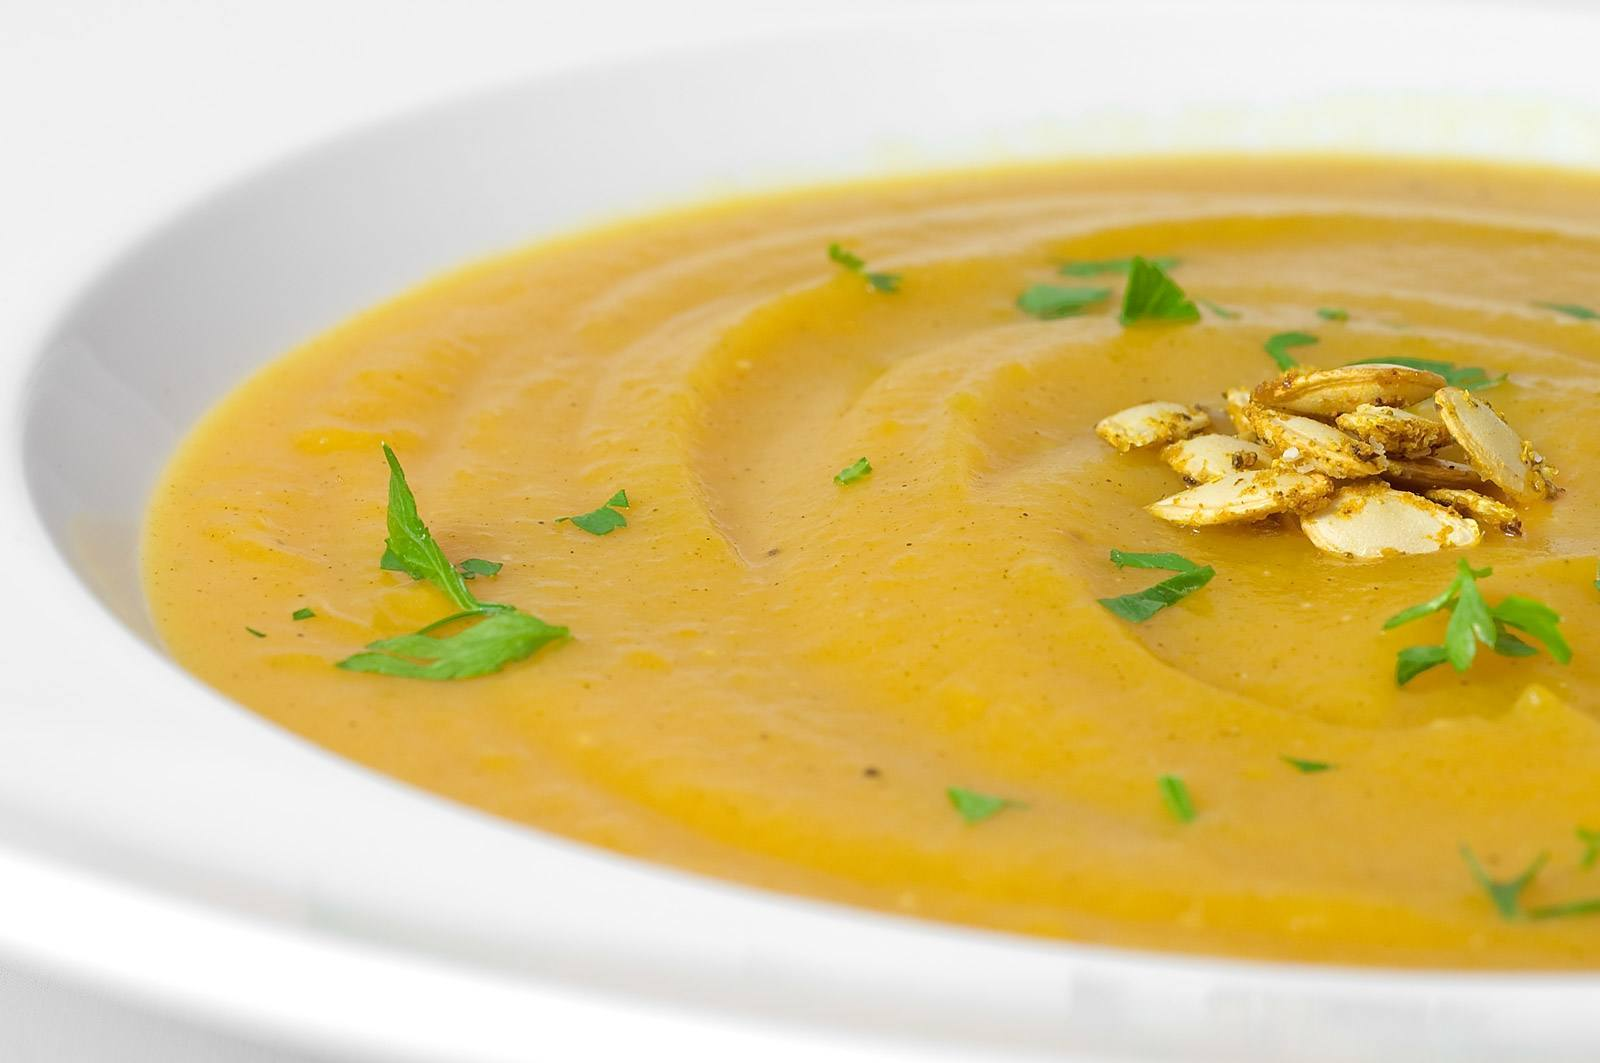 Aюрведа препоръчва топли и добре омаслени храни при запек